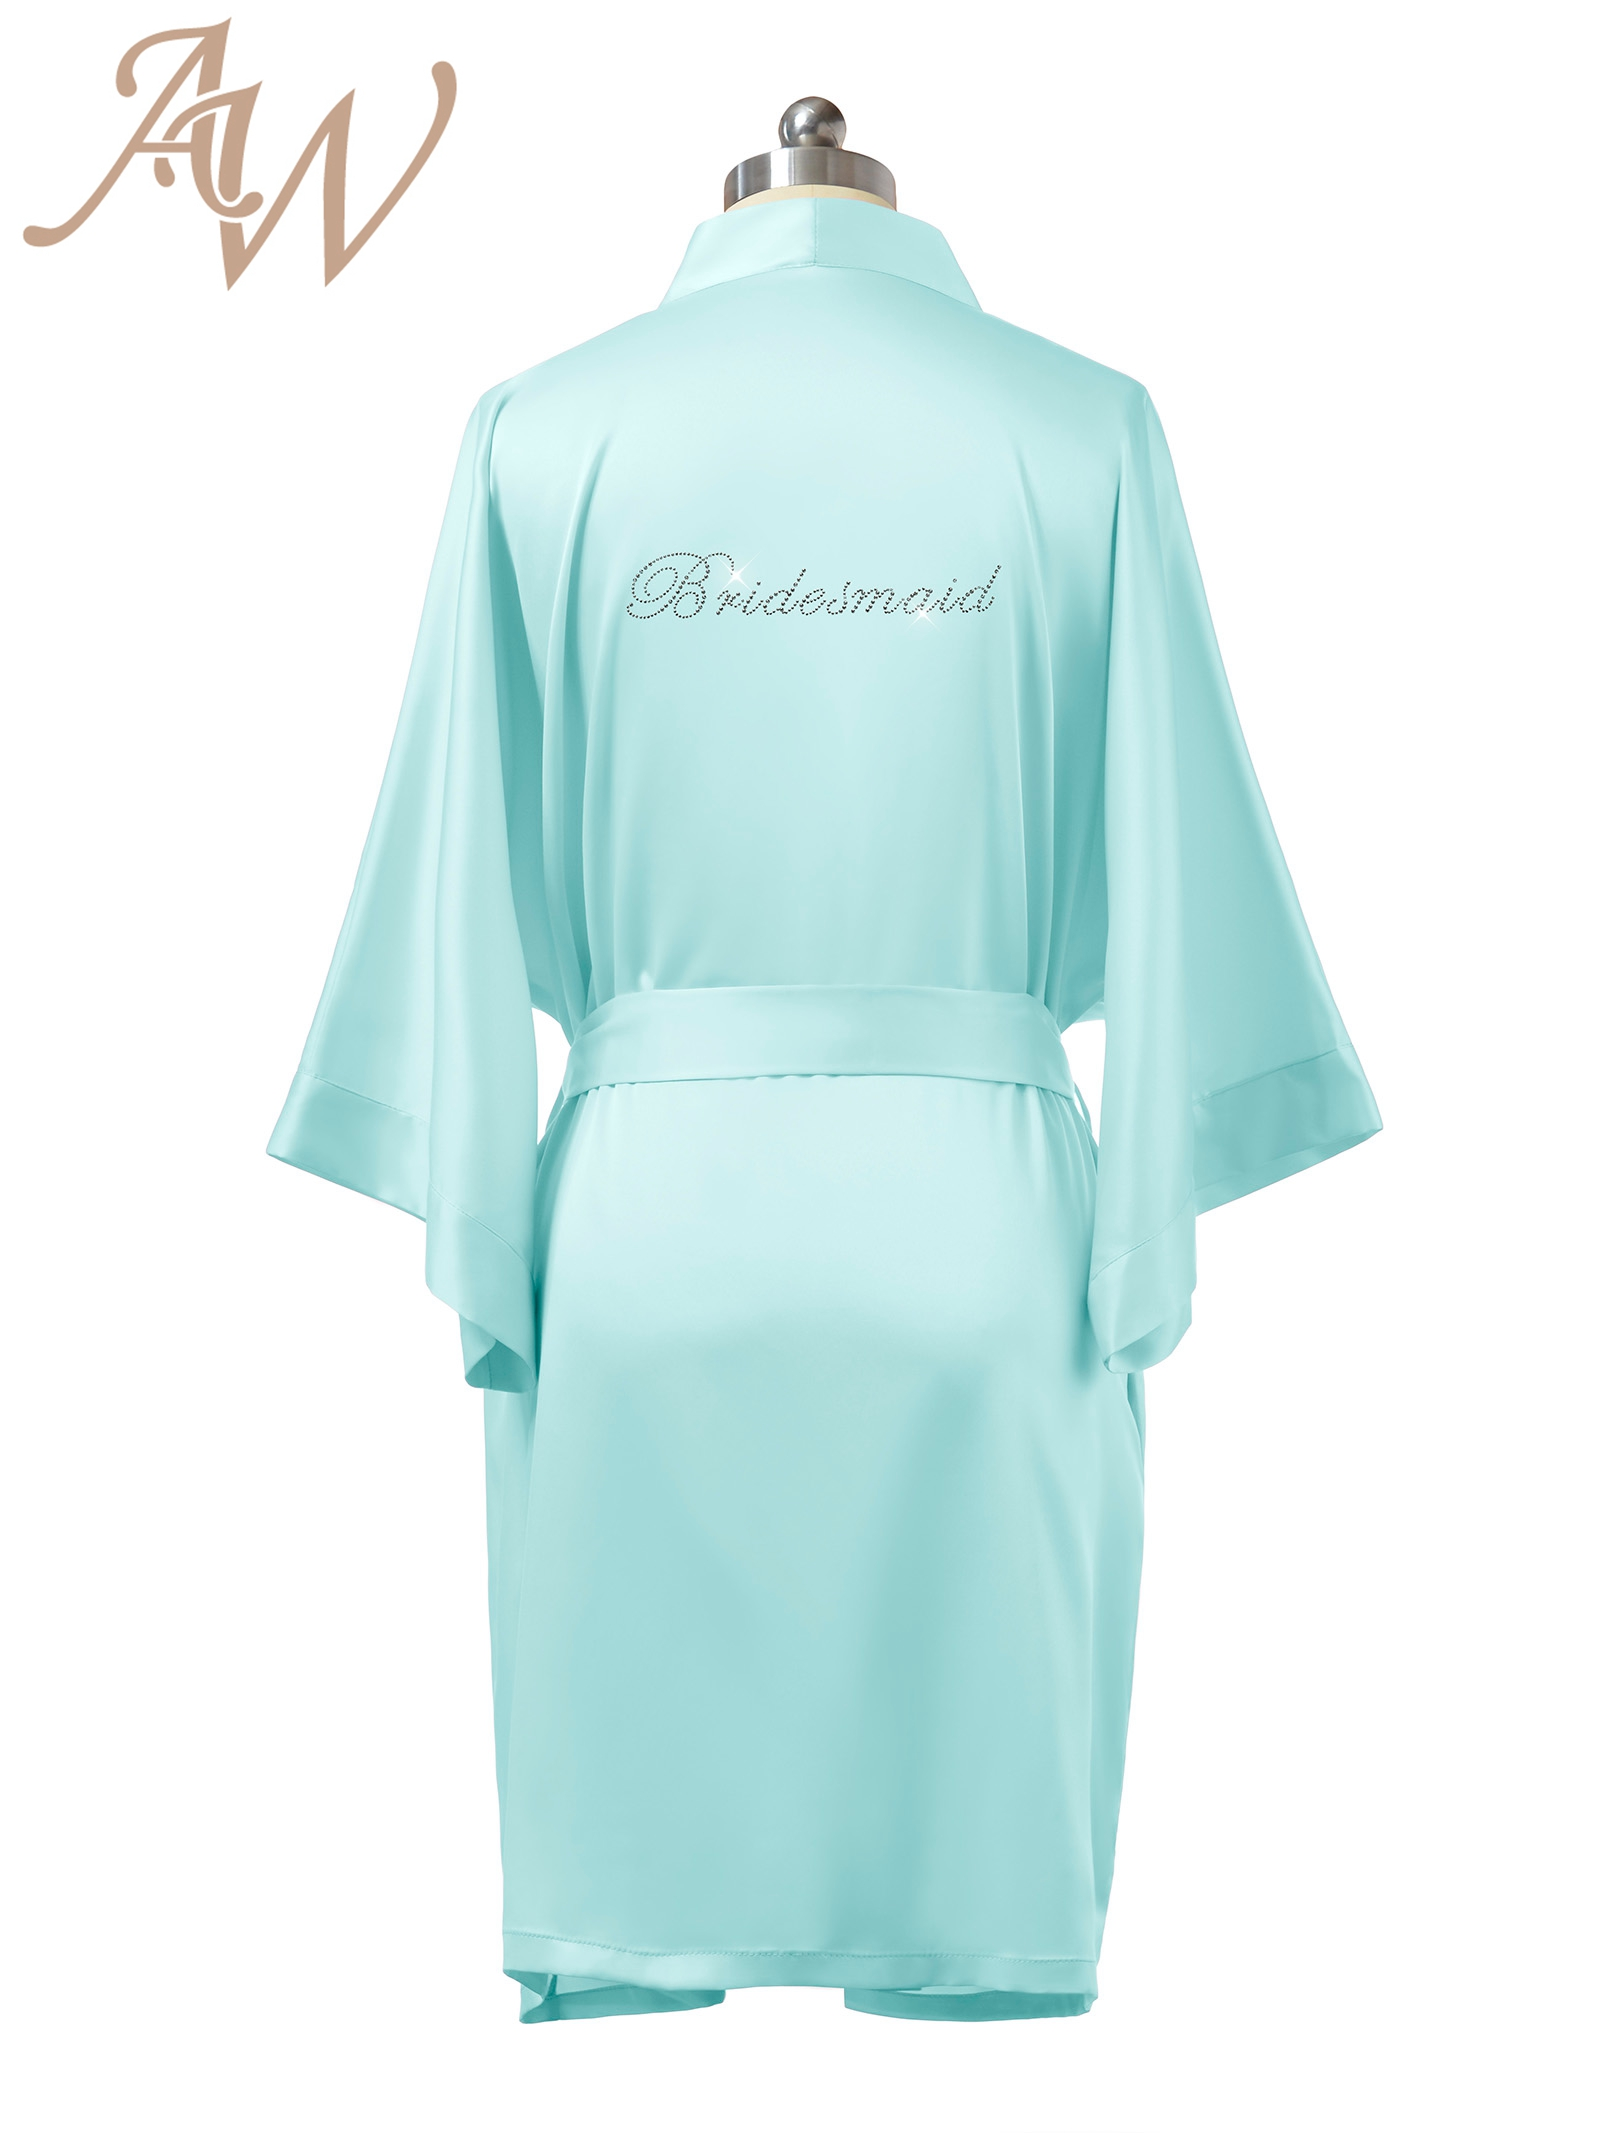 Gold Glitter Bridal Robe - Bride Bathrobe Satin Cover - Bridal Dressing Robe  - Gold Glitter Wedding - Bridal Lingerie Shower Gift